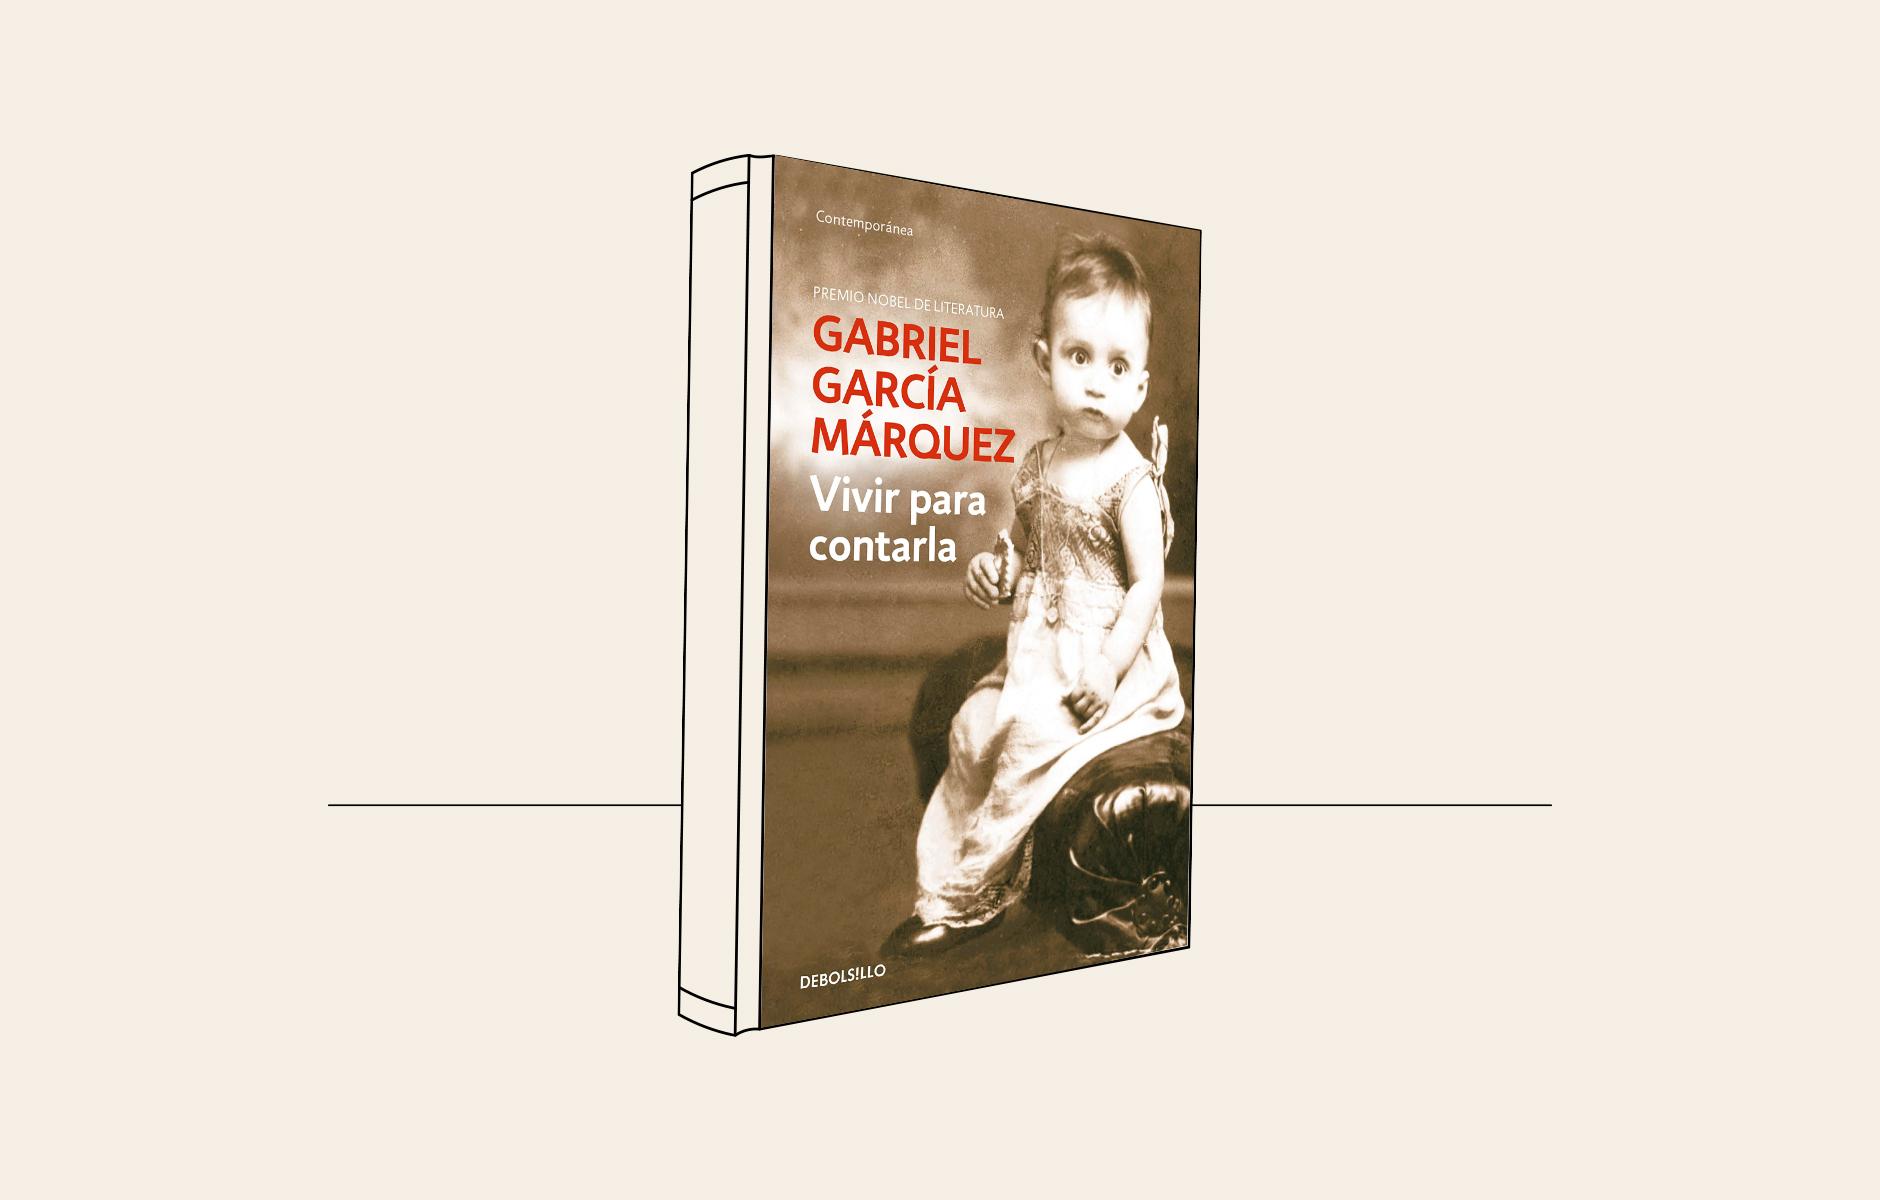 gabriel_garcia_marquez_biografia_revista_mine